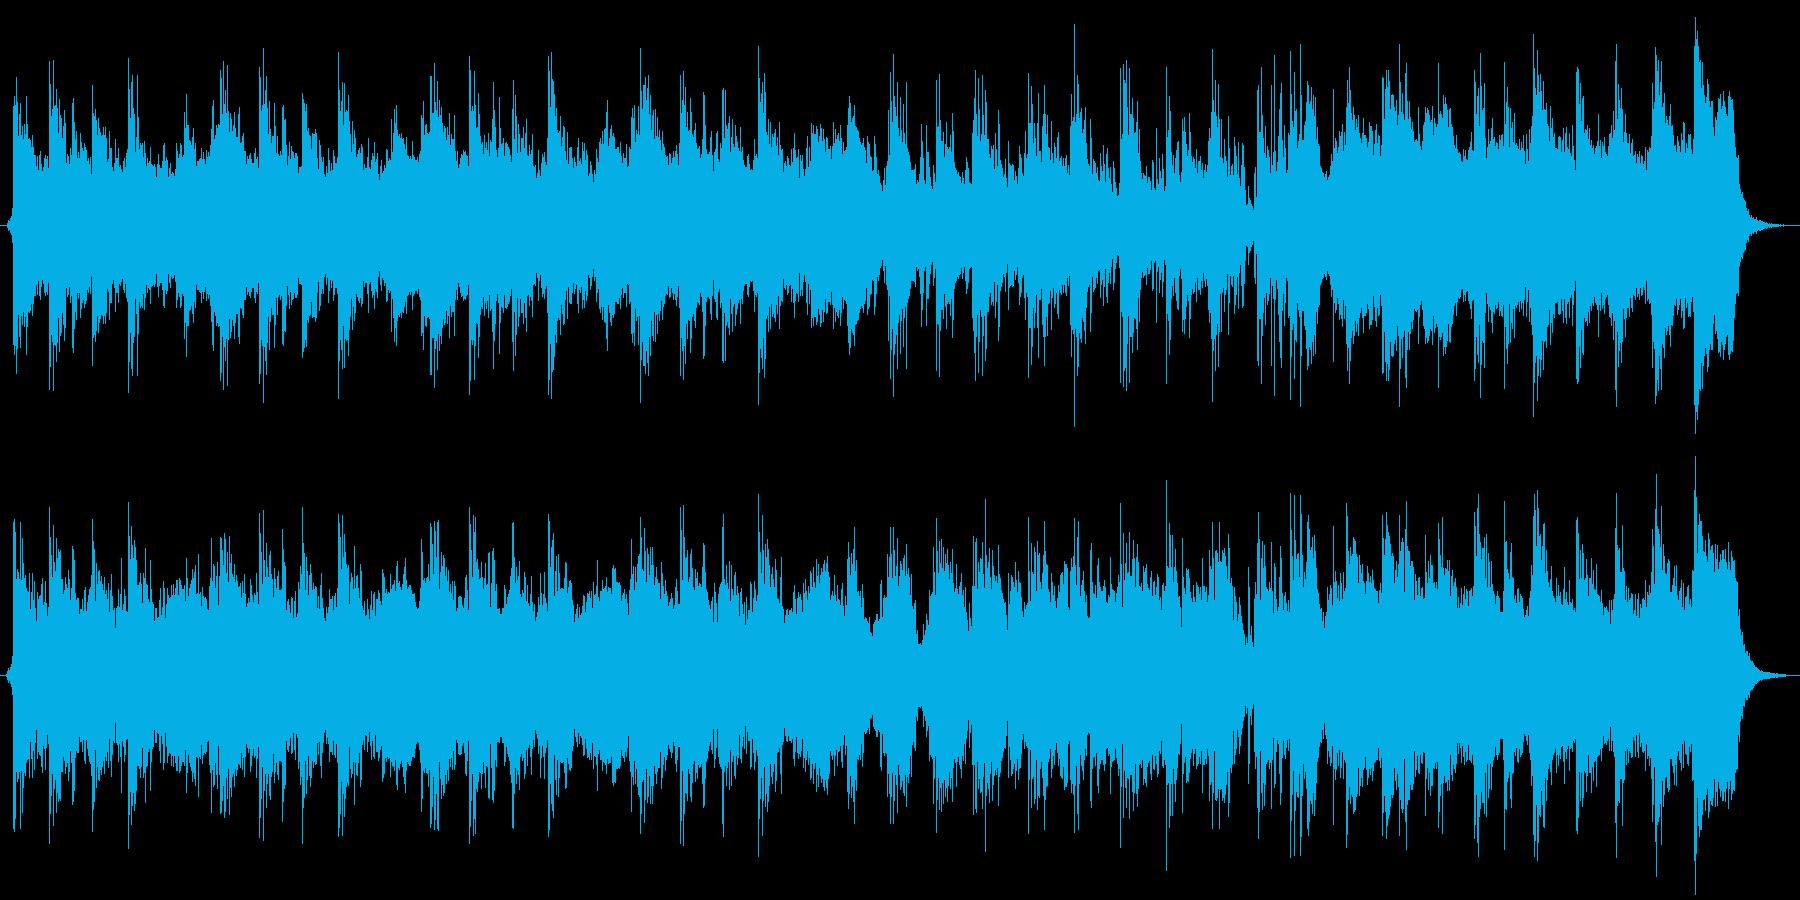 荘厳なダークファンタジー・オーケストラの再生済みの波形